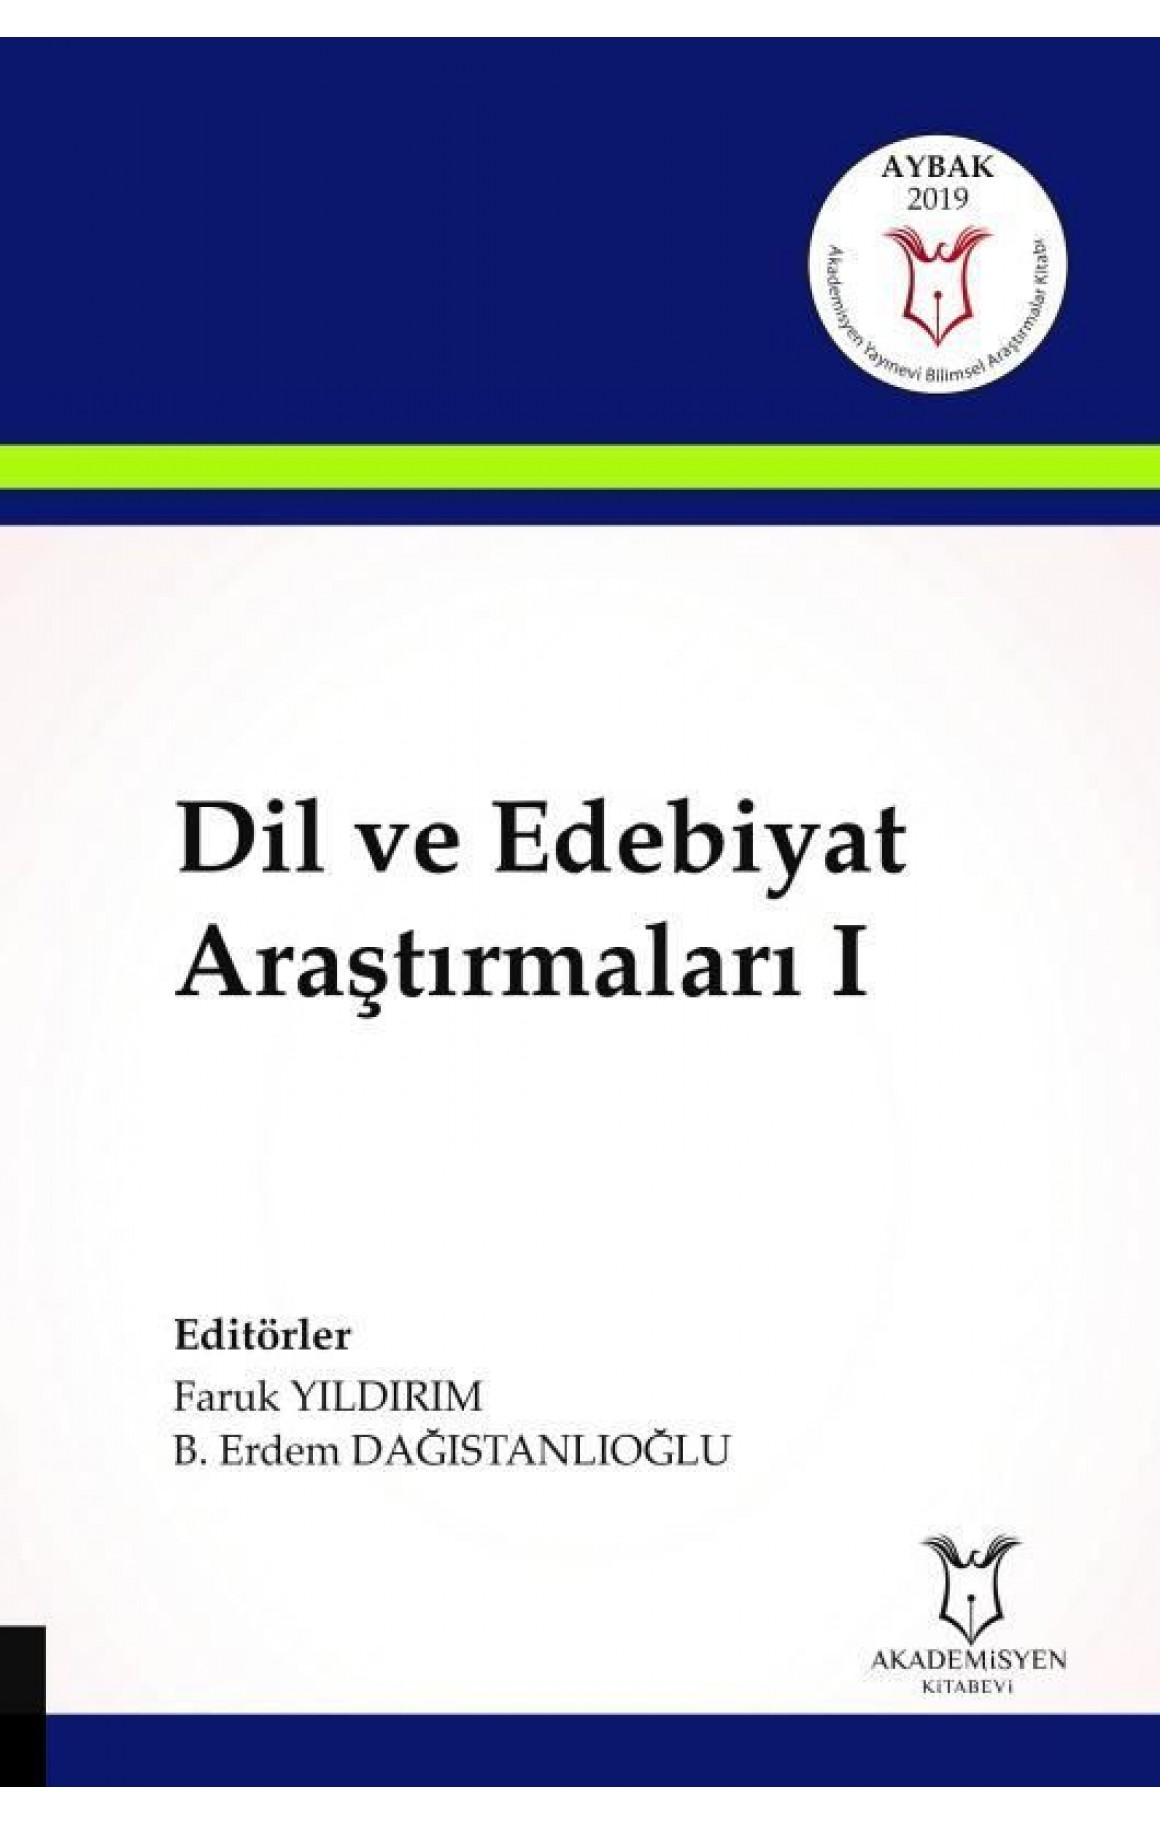 Dil ve Edebiyat Araştırmaları-1